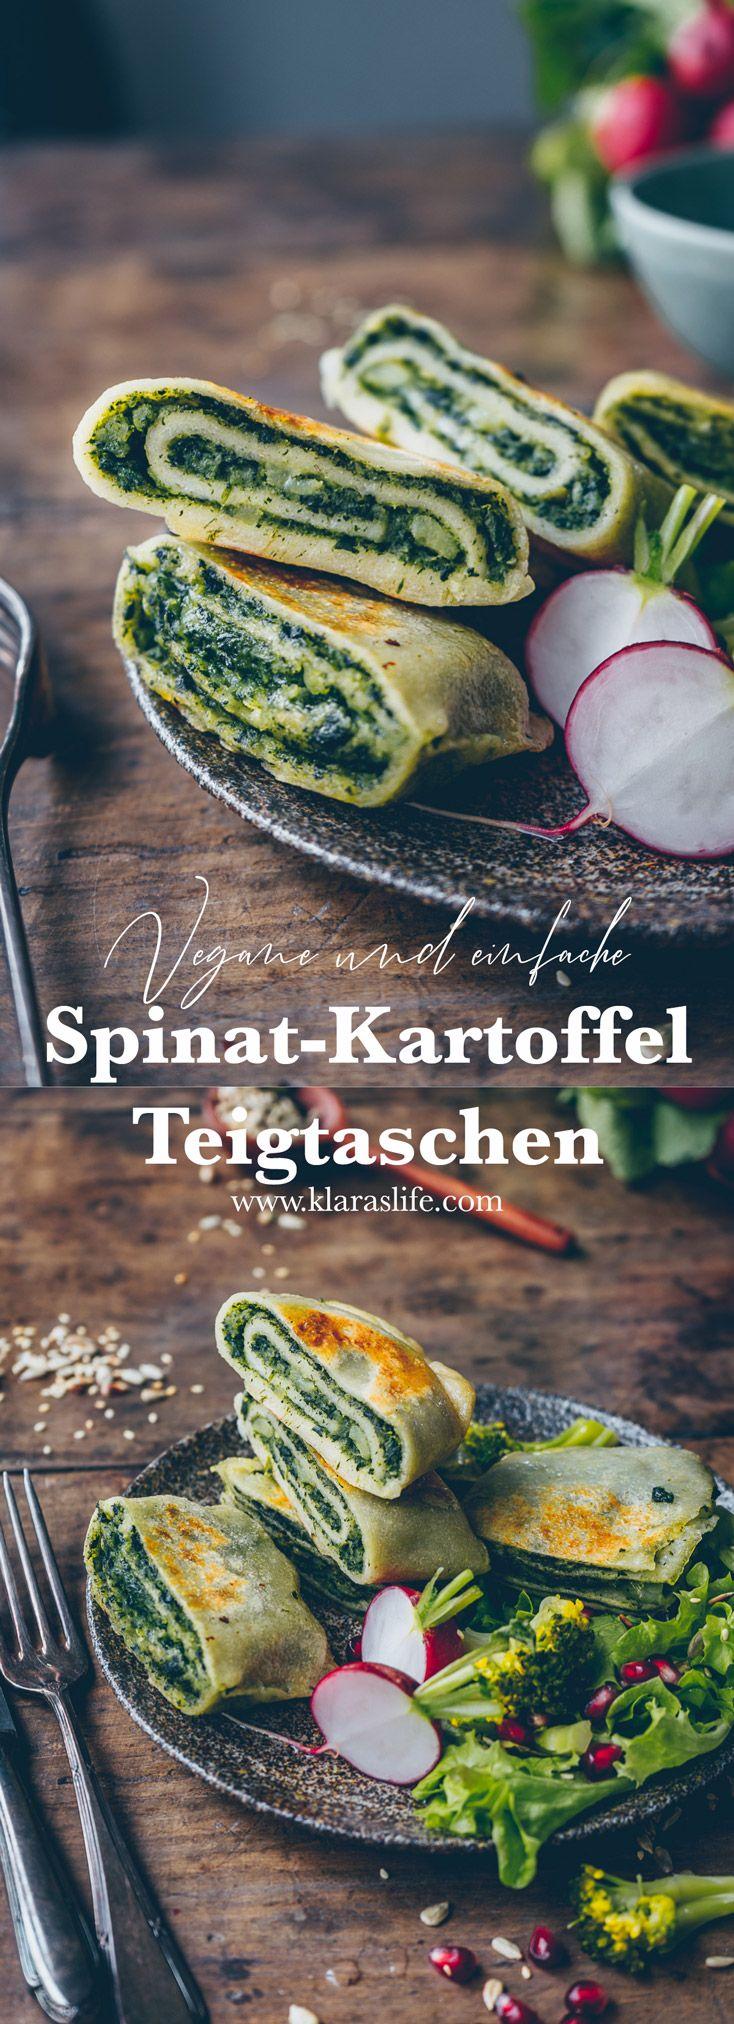 Spinat-Kartoffel-Teigtaschen